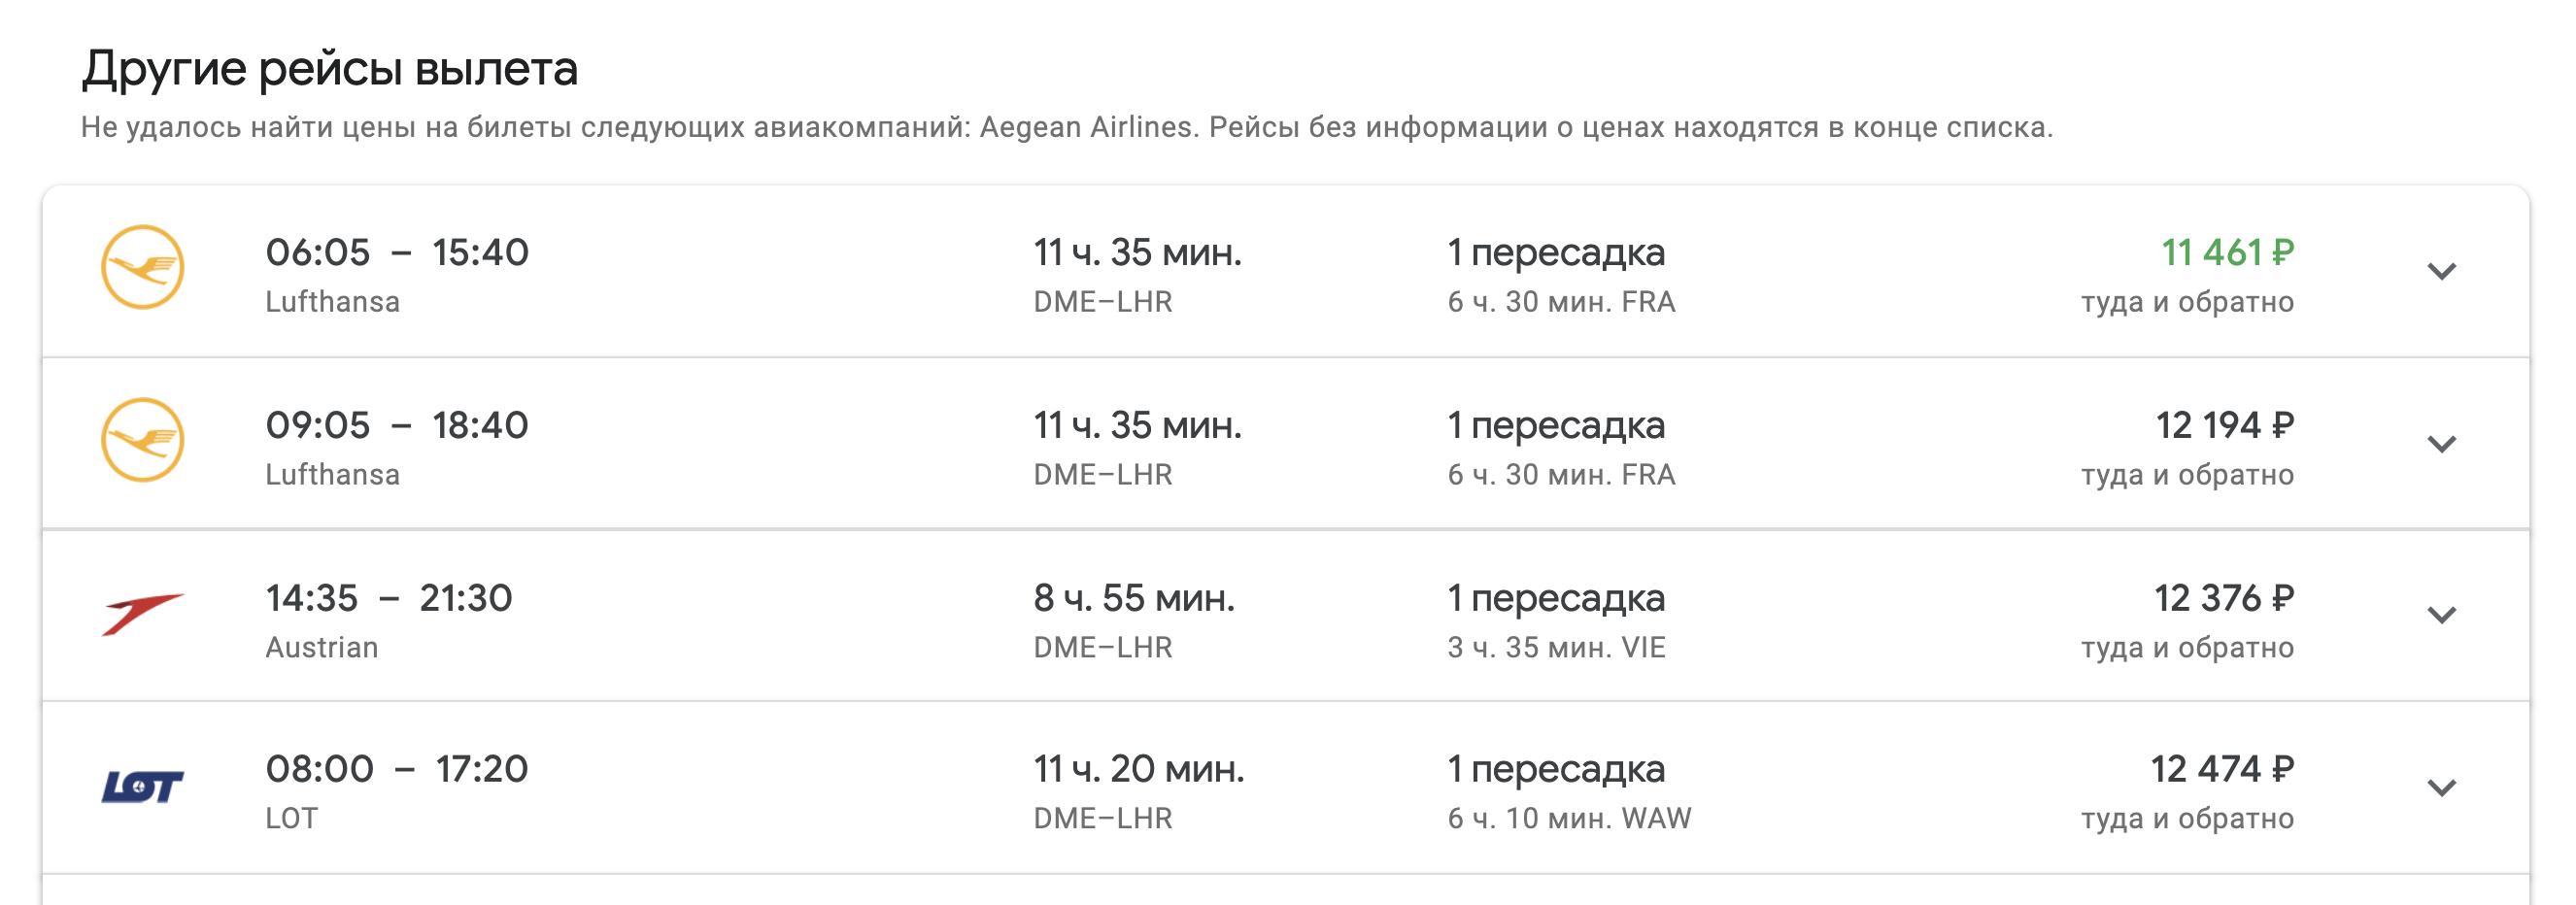 В 2019 году билеты Москва — Лондон с одной пересадкой стоят в районе 11—12 тысяч рублей, а прямой — от 20 тысяч